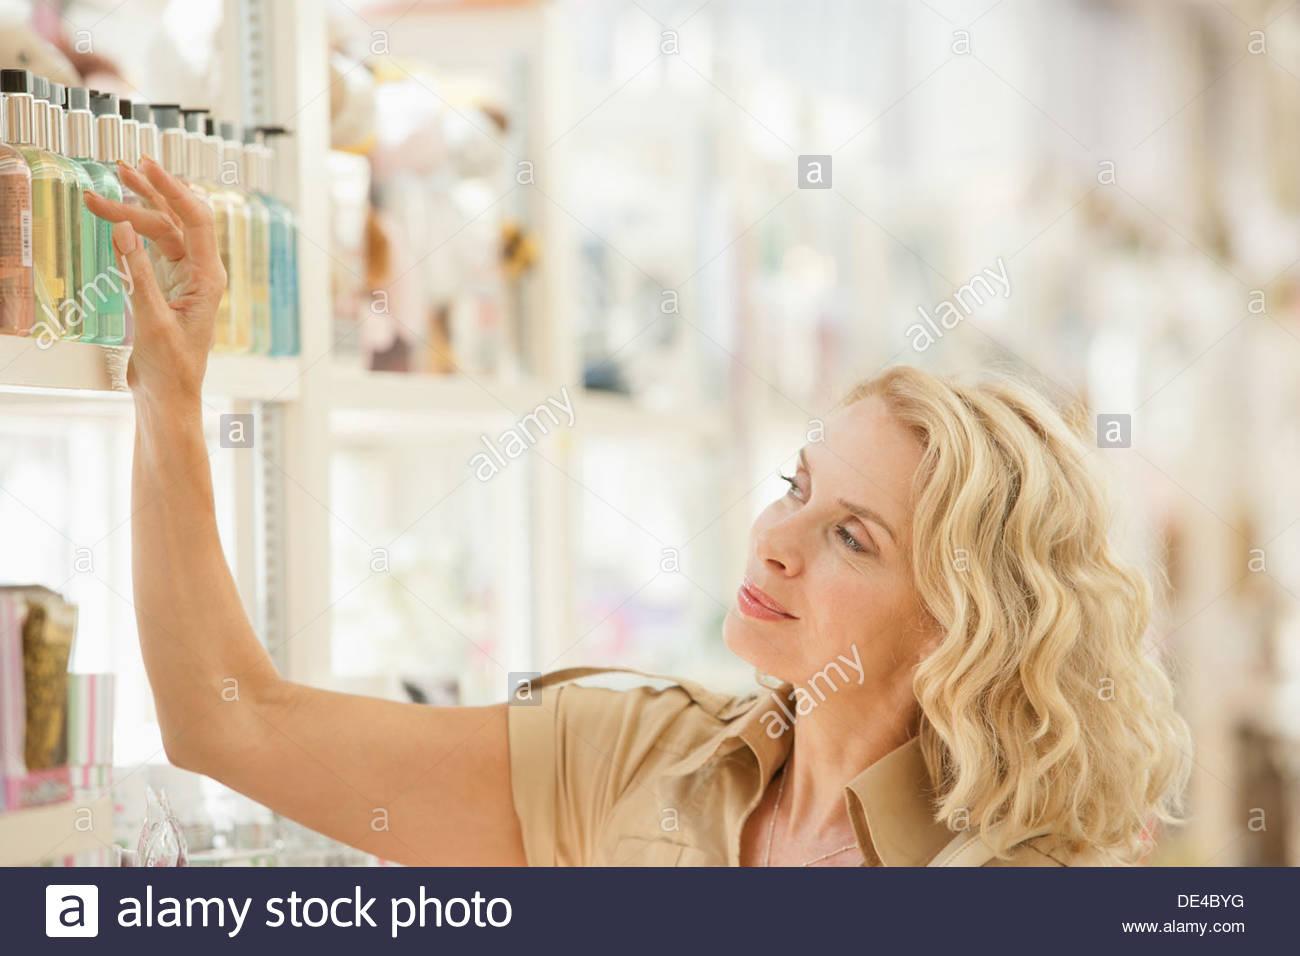 Mujer sonriente llegando por el perfume en la tienda Imagen De Stock